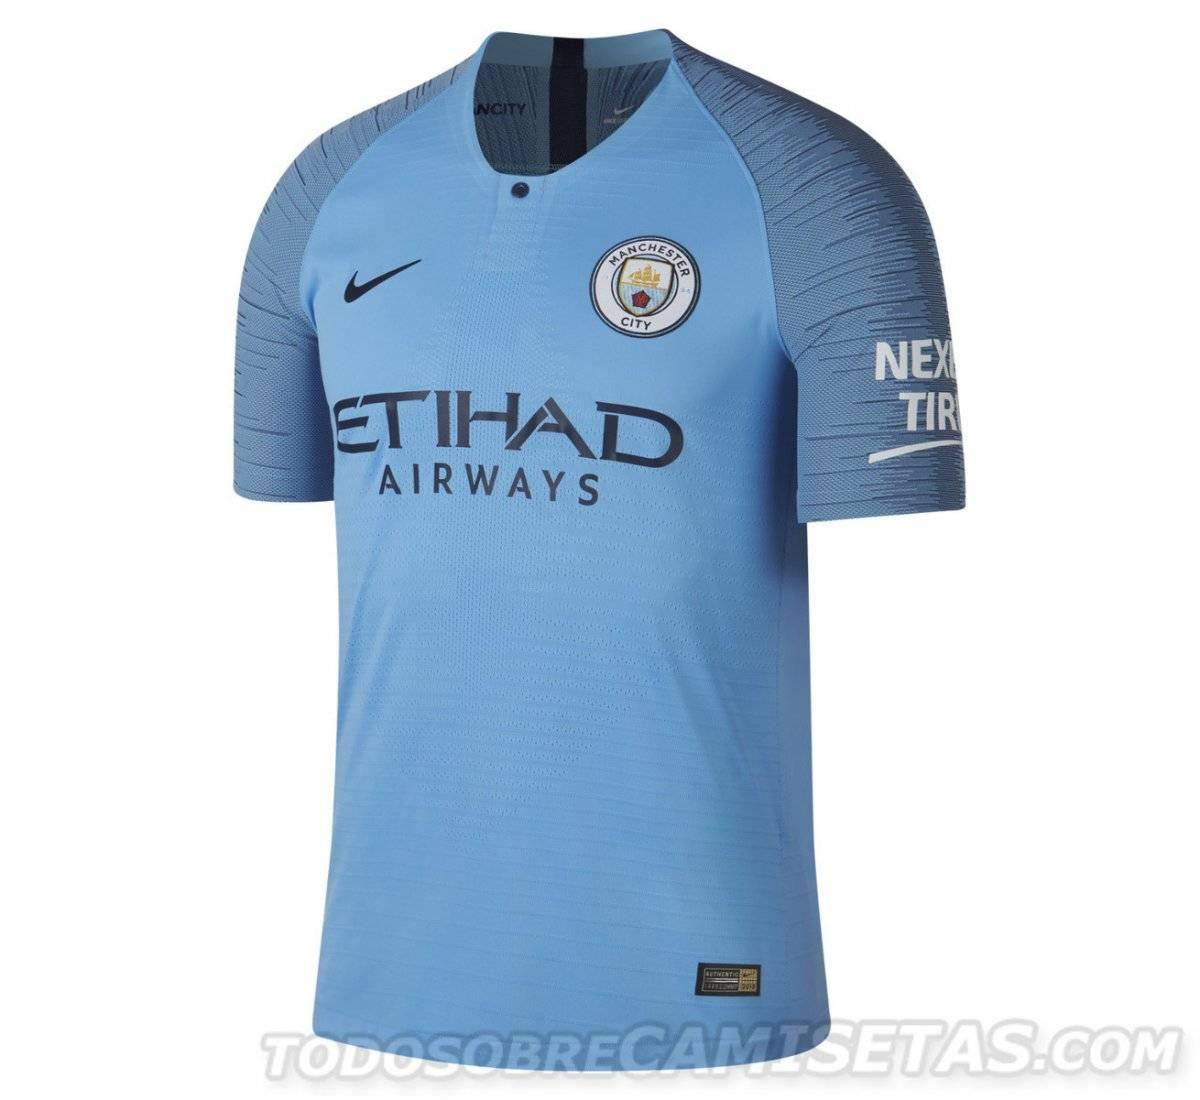 Manchester City Todosobrecamisetas.com